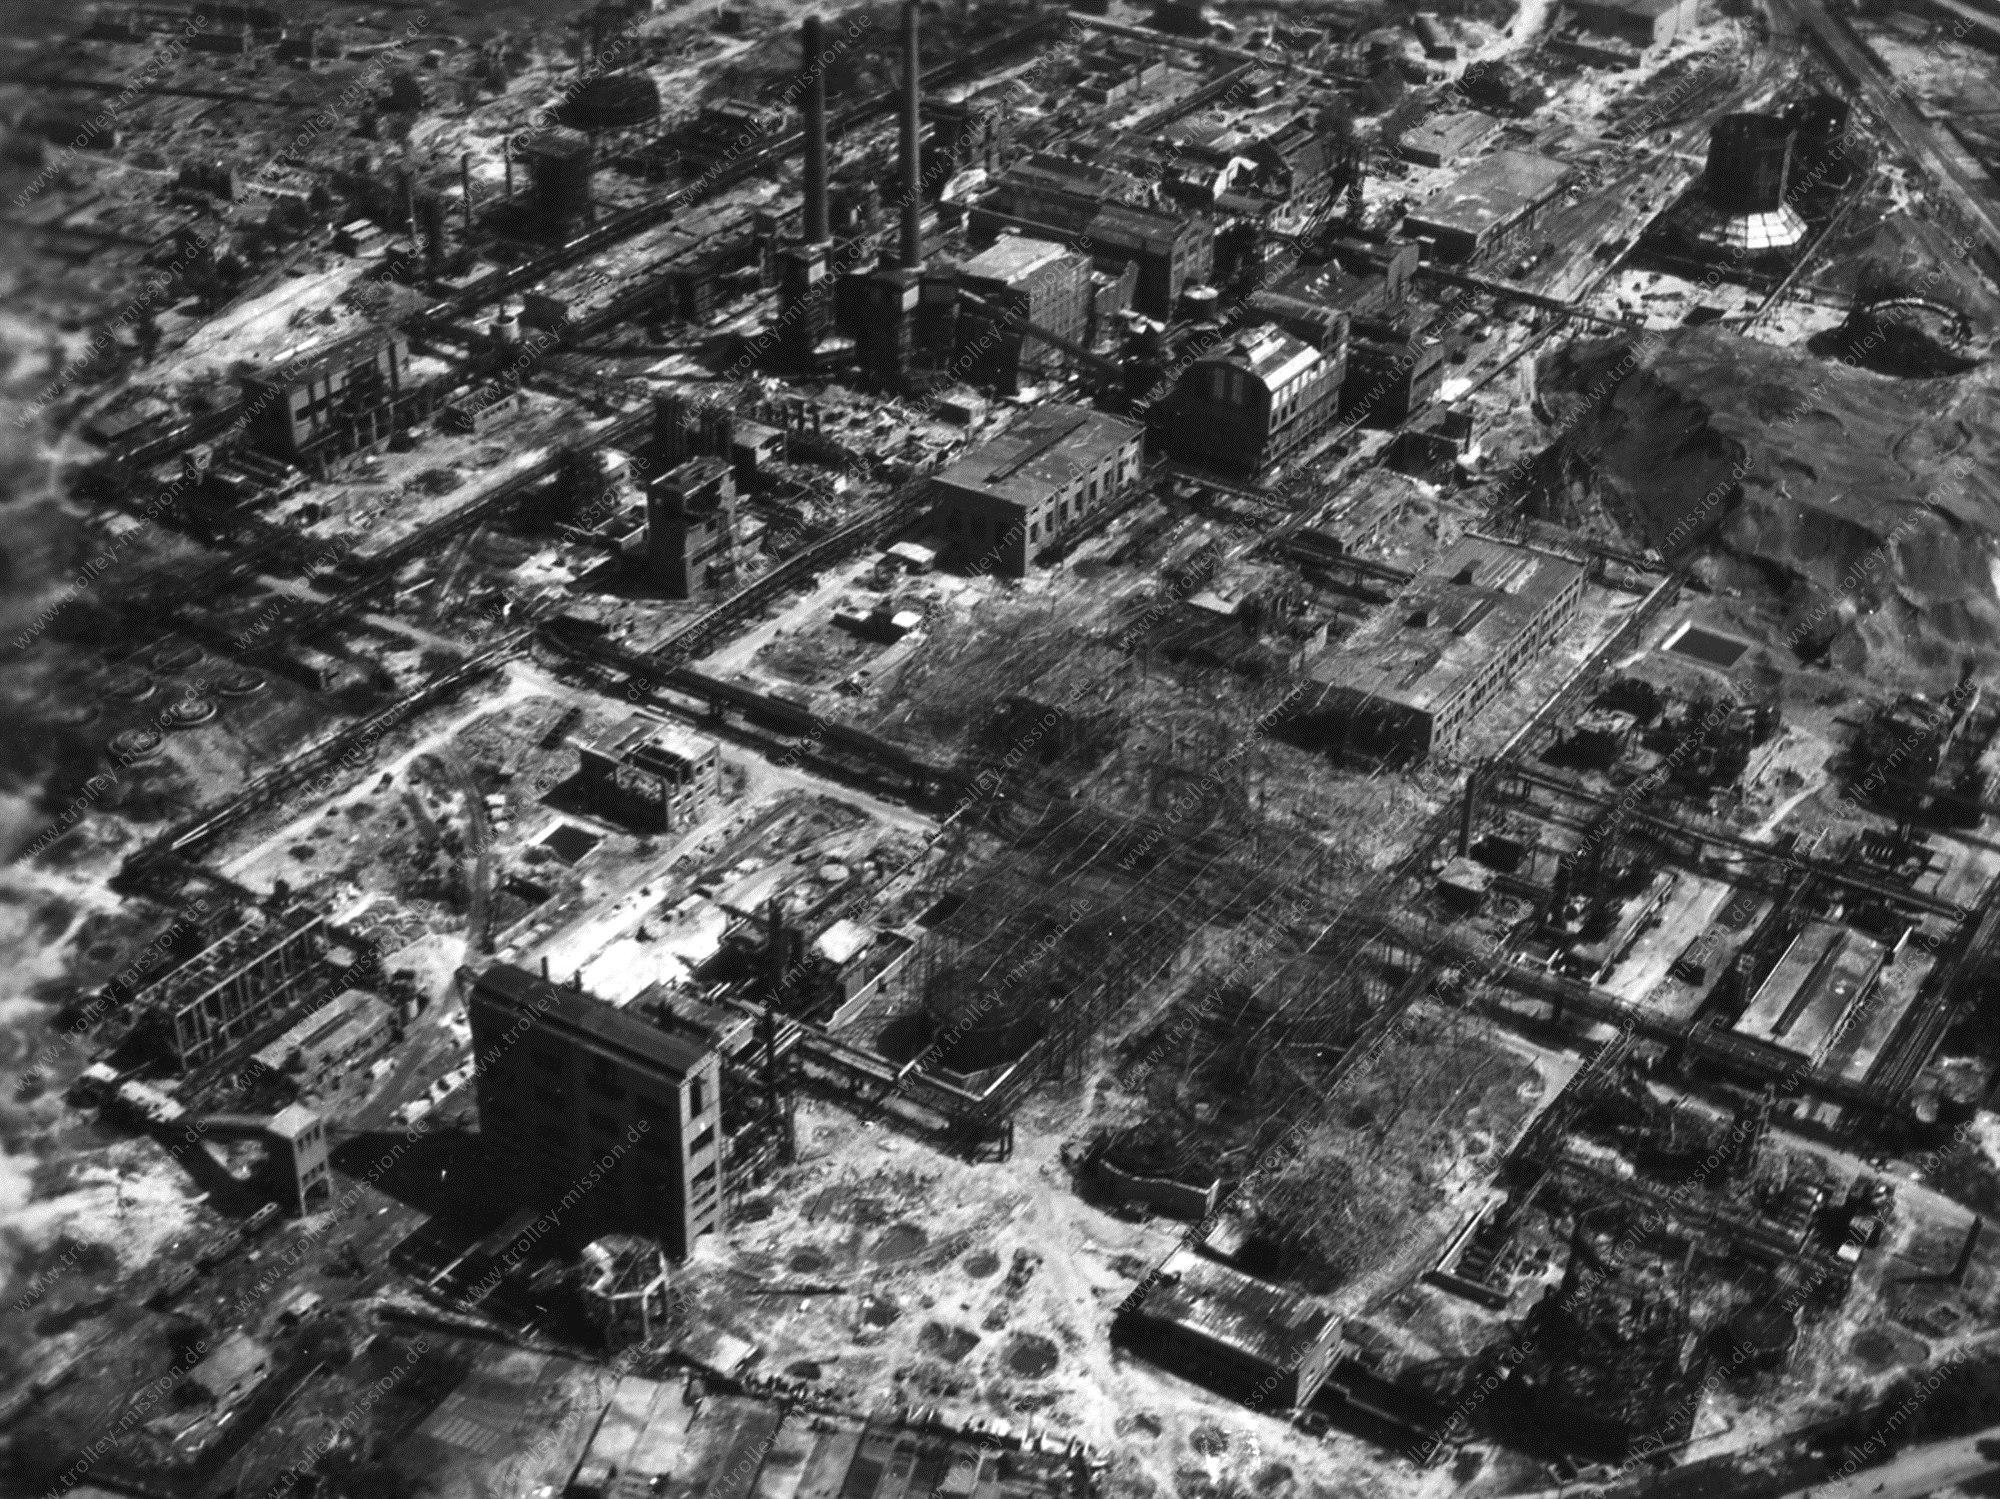 Luftbild Bottrop Zeche Vereinigte Welheim bzw. Hydrierwerk Ruhröl GmbH im Mai 1945